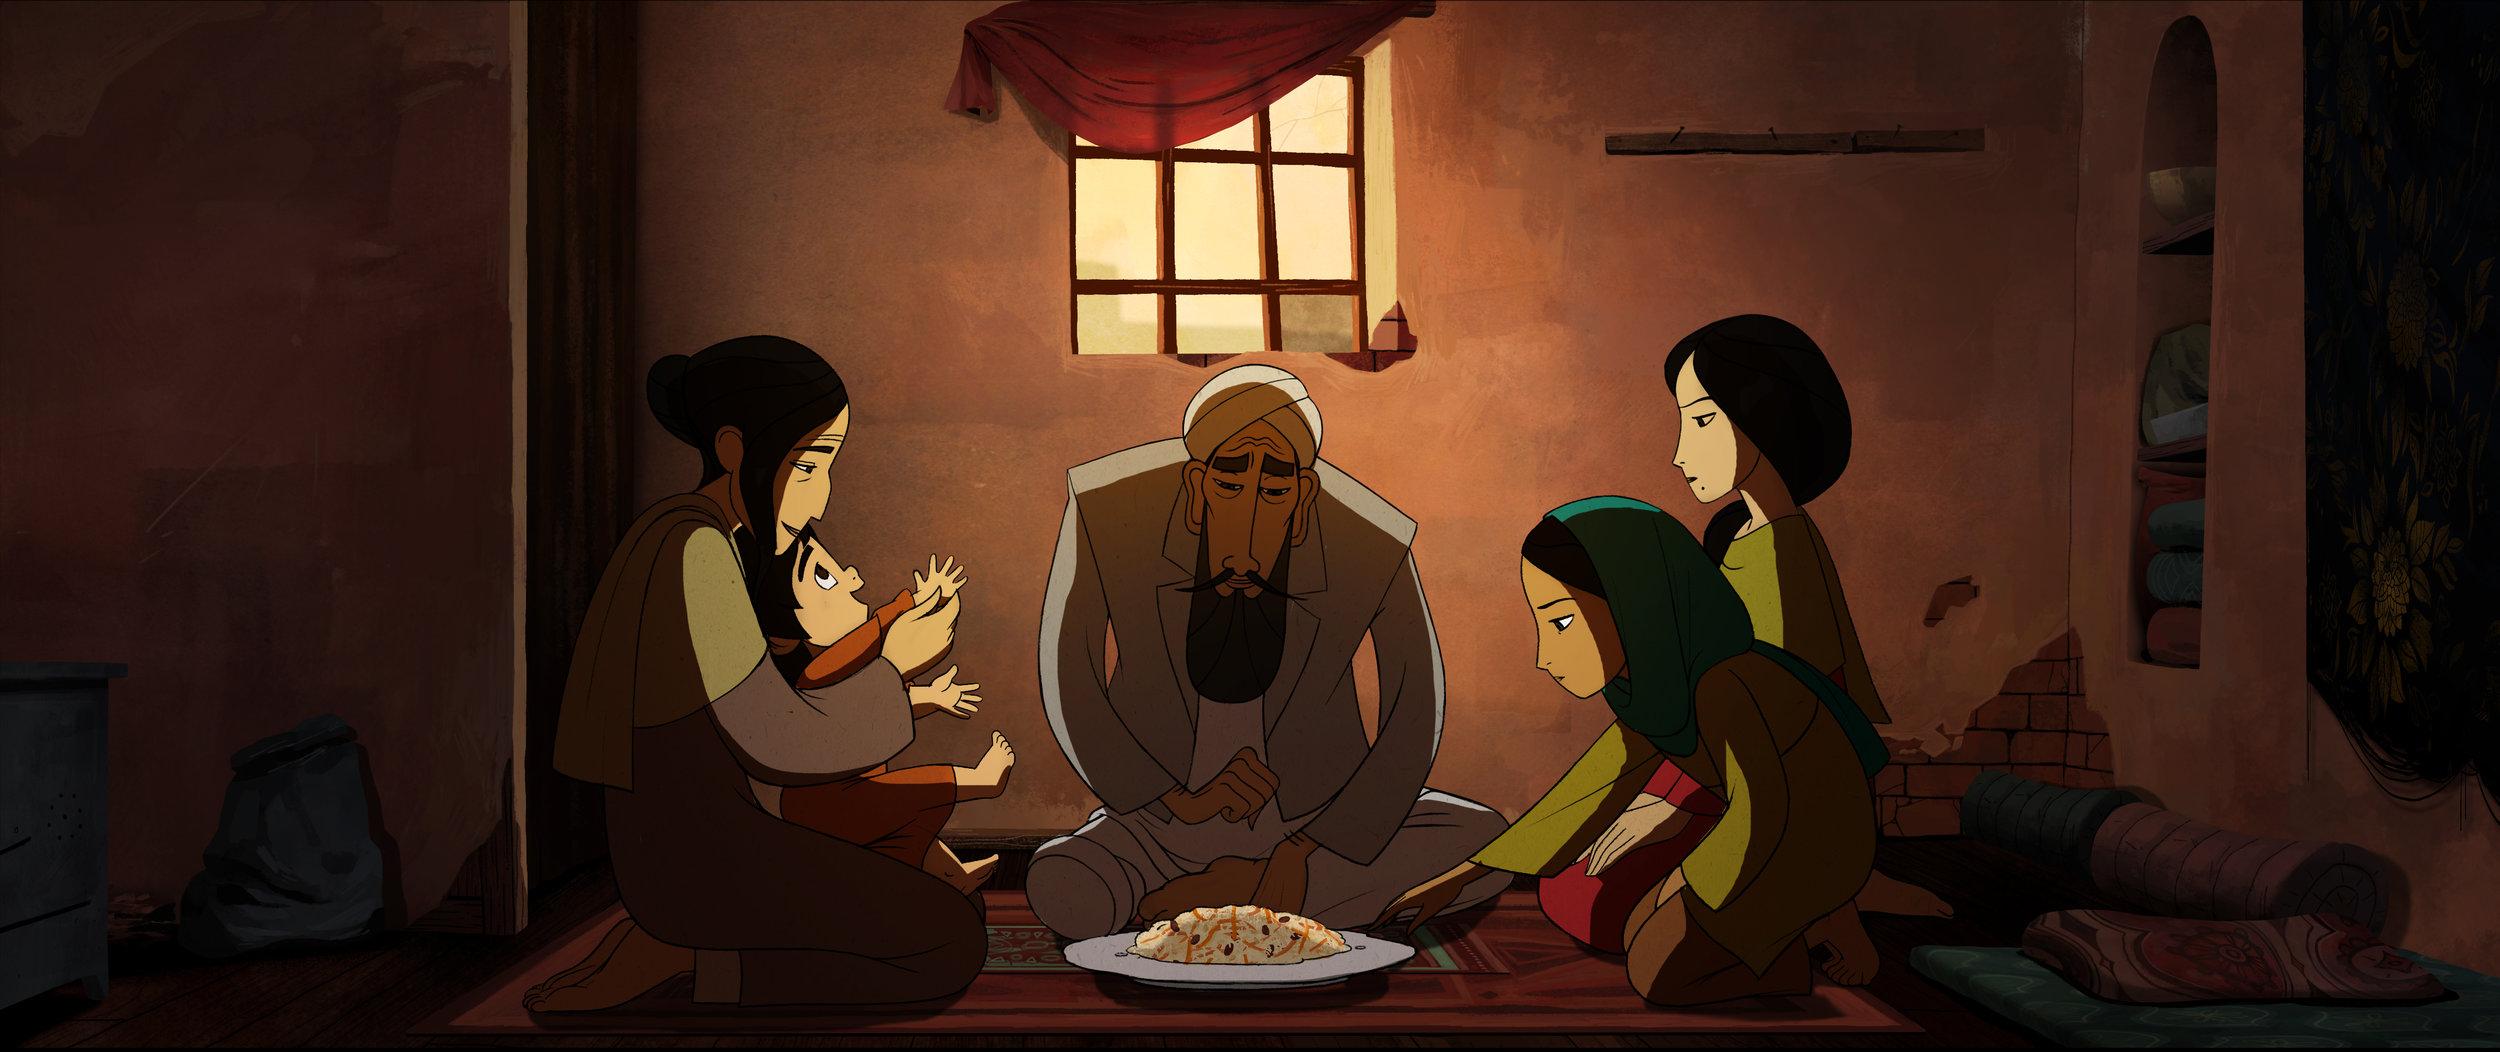 03-The-Breadwinner-family.jpg